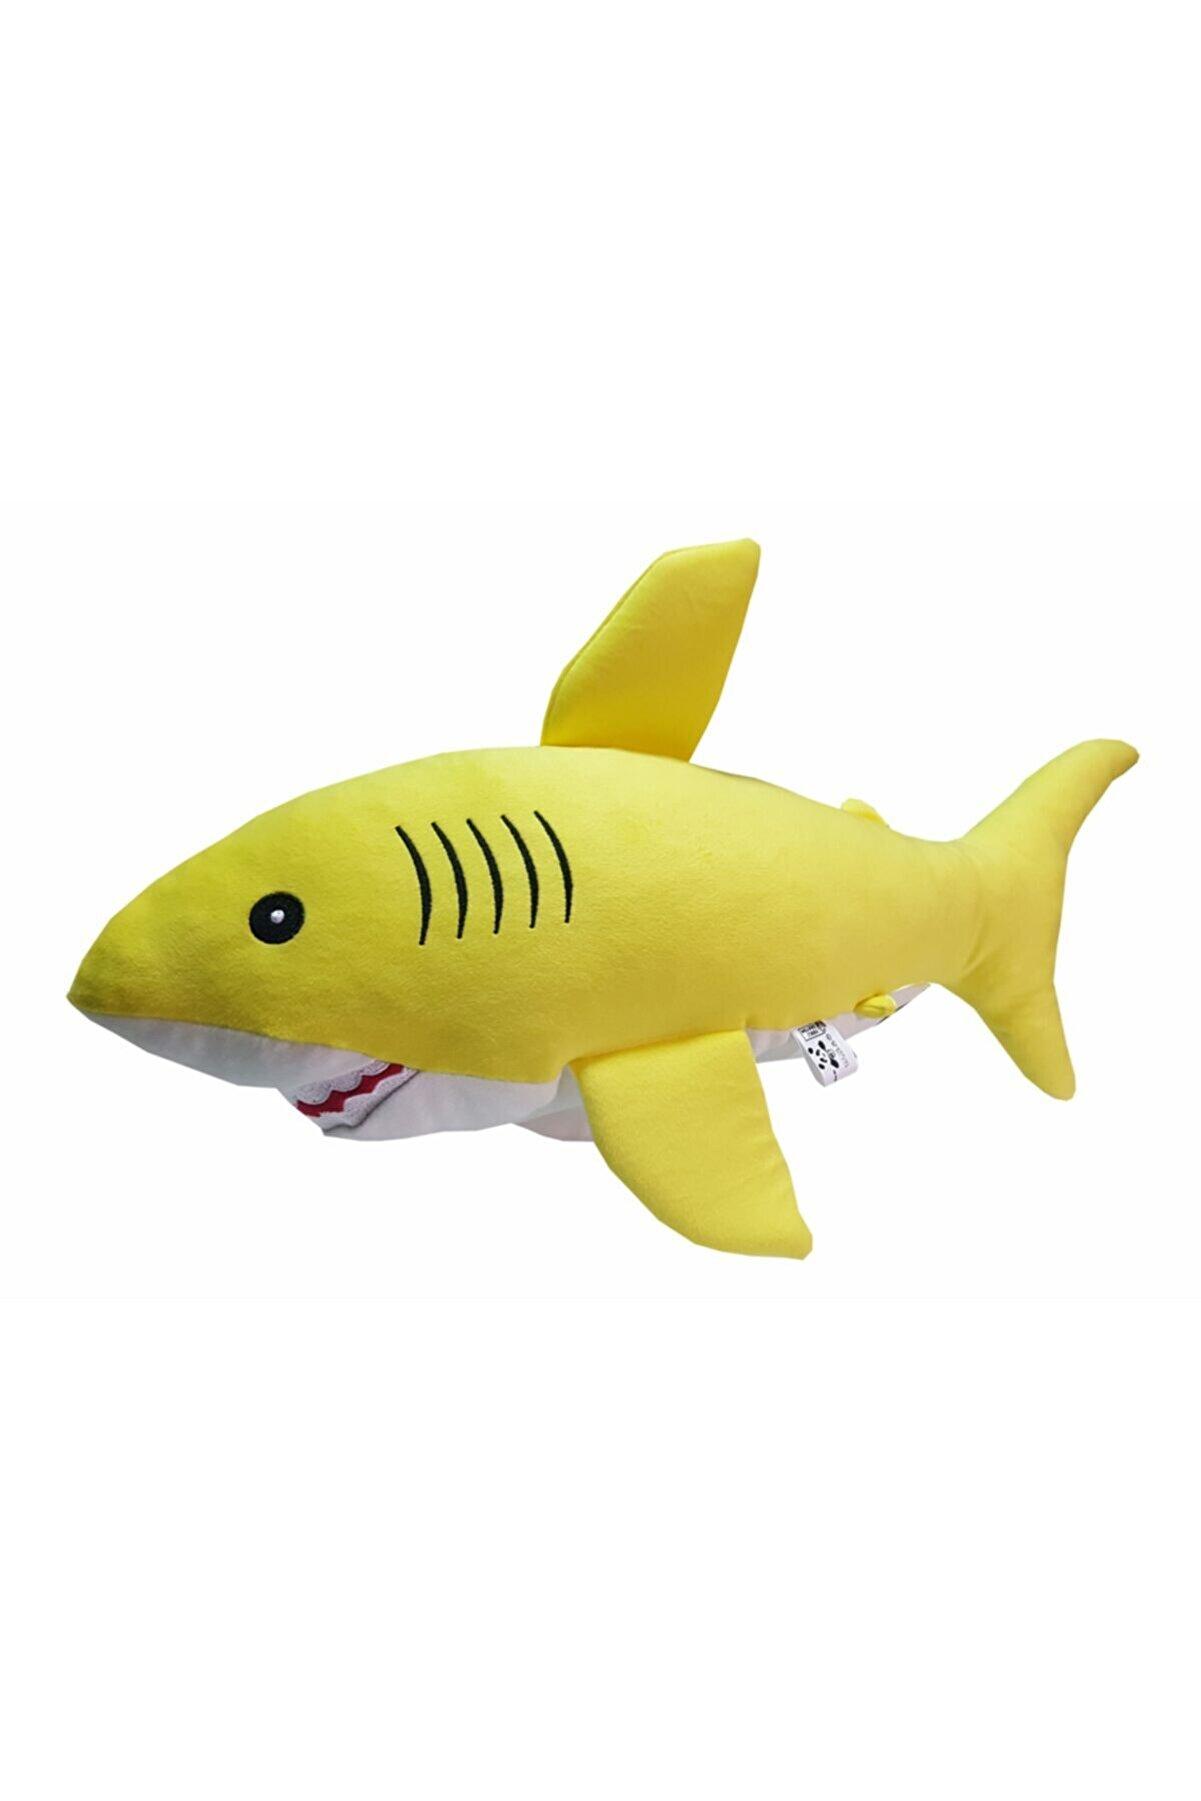 MY toys Uyku Arkadaşım Yumuşak Köpek Balığı Sarı - 50 Cm.